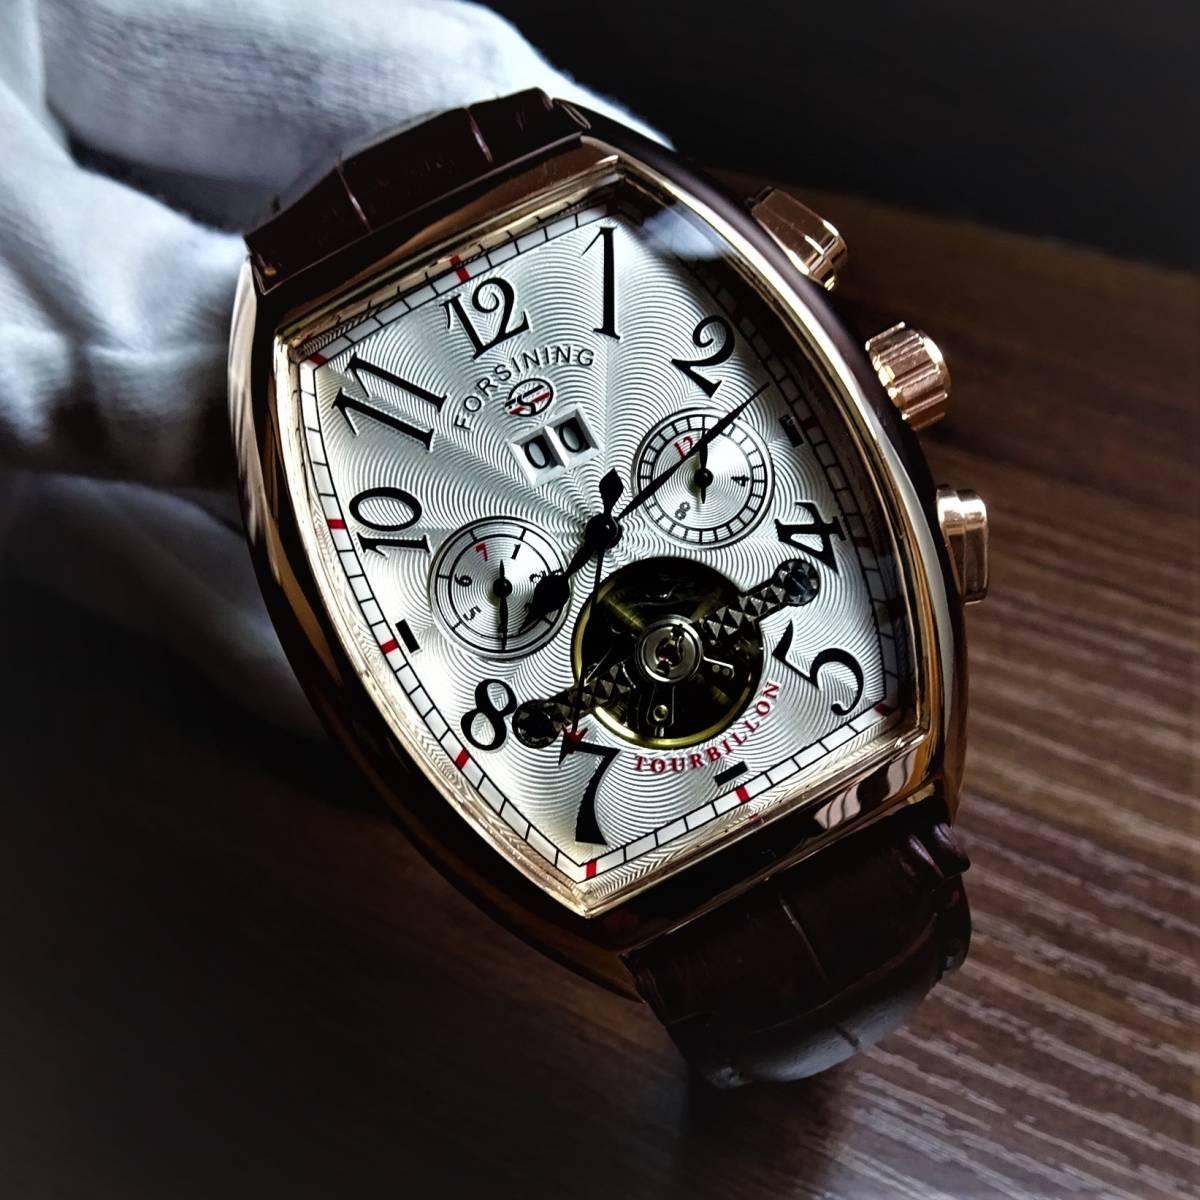 〓新品〓自動巻機械式腕時計 トノー型ウォッチ メンズ トゥールビヨンデザイン週、月、カレンダー 本革ベルトFORSINING〓ホワイト